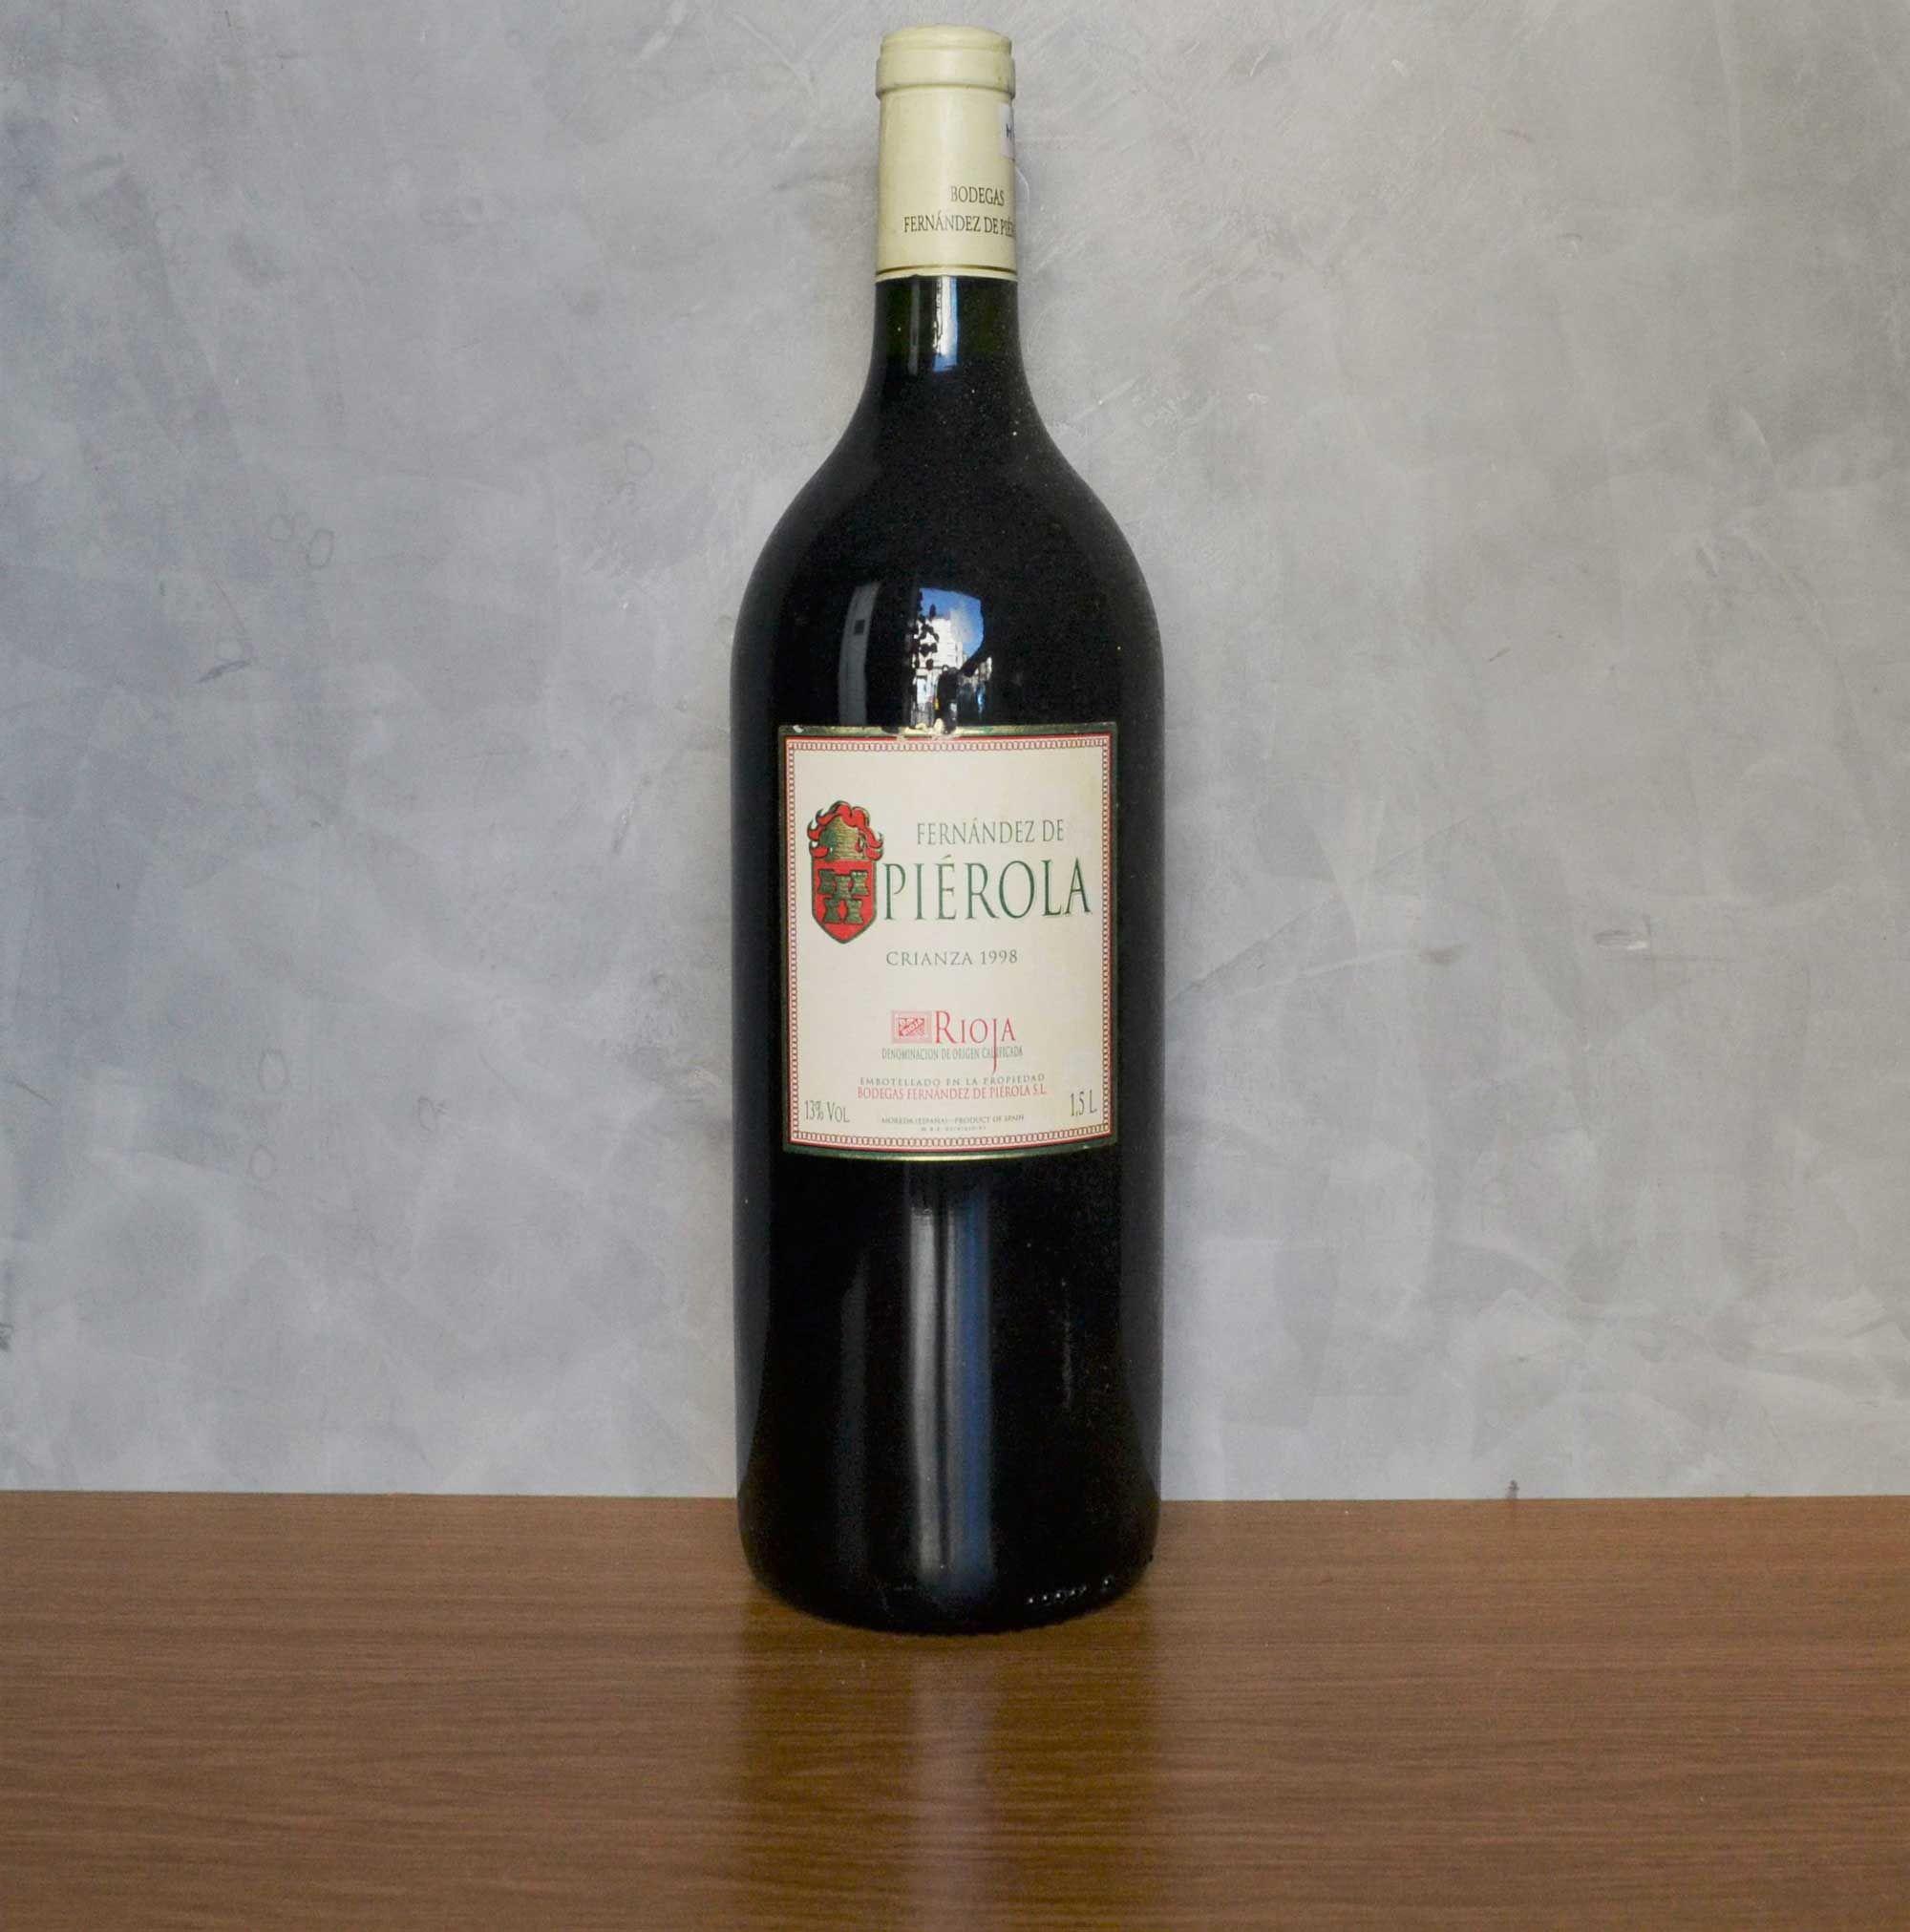 Compro Botellas De Vino Antiguas Fernandez De Pierola Magnum Crianza 1998 Vinos Antiguos Con